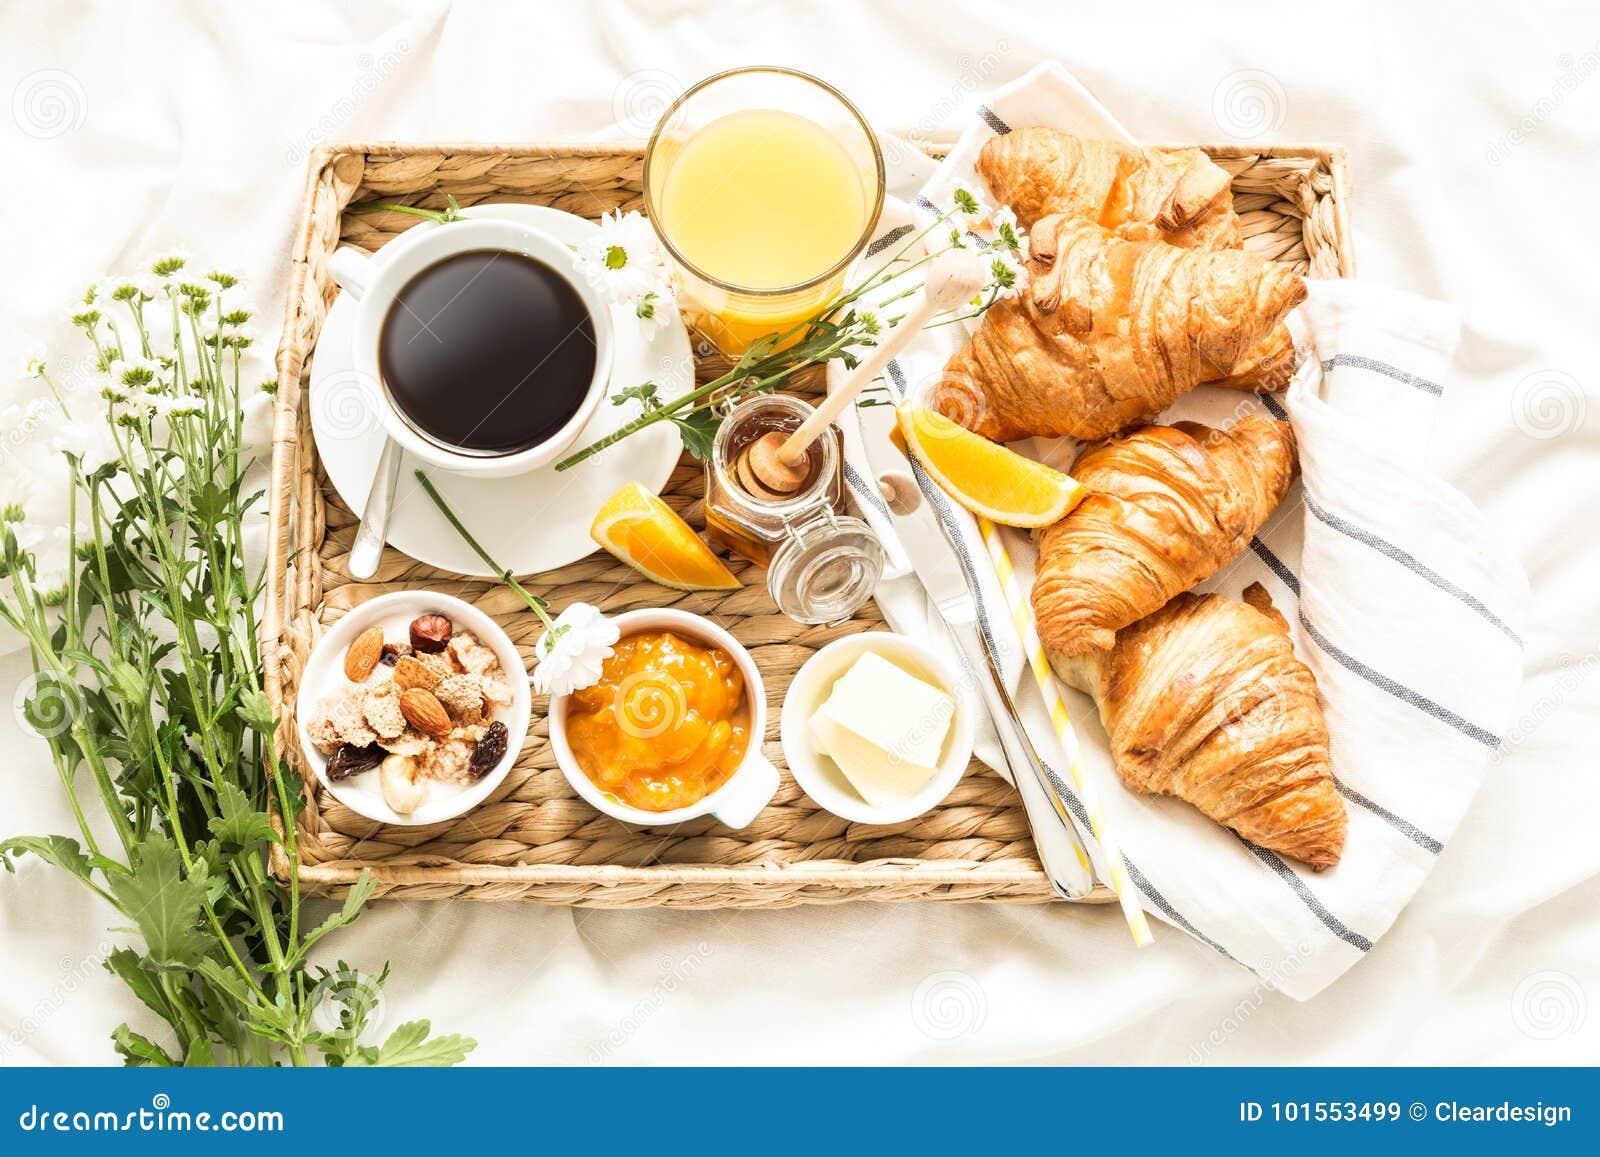 Petit Déjeuner Continental Sur Les Draps Blancs